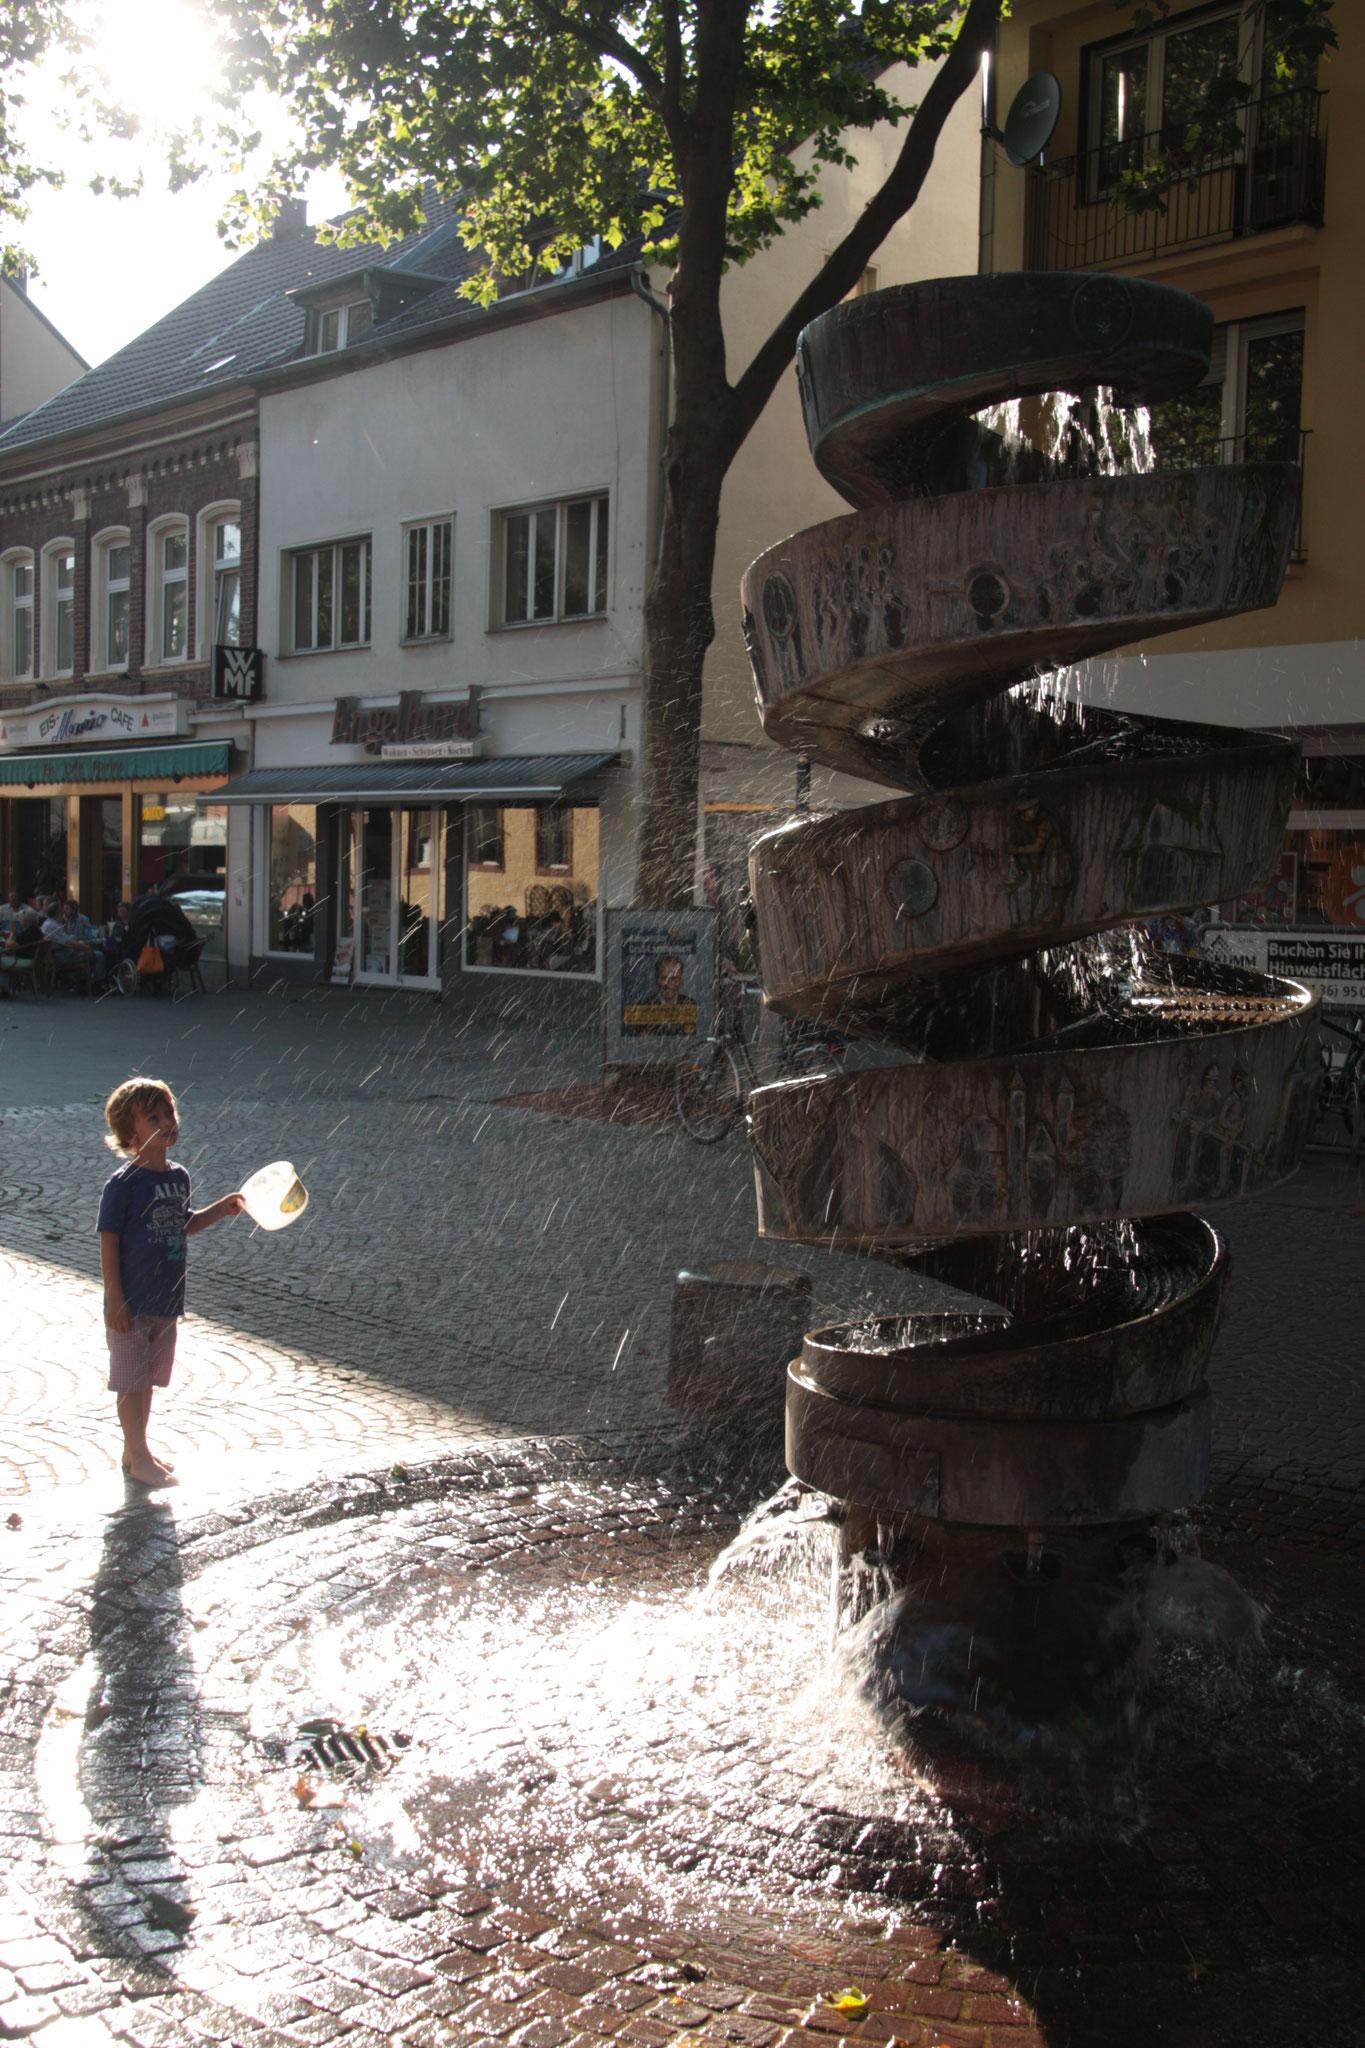 Junge am Brunnen